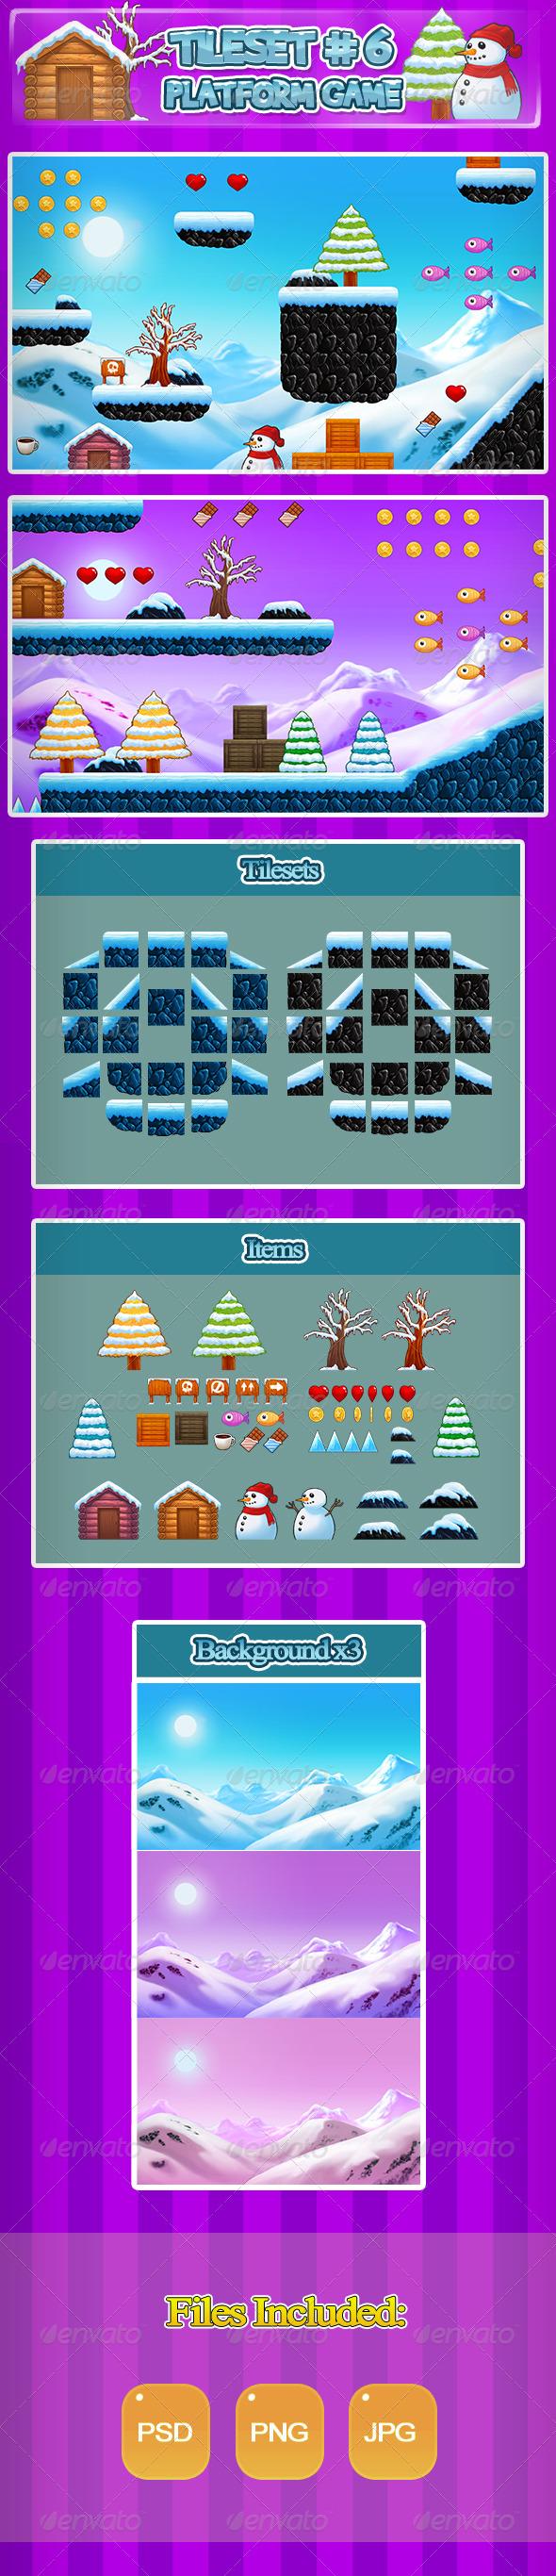 GraphicRiver 2D Tileset Platform Game 6 6907917